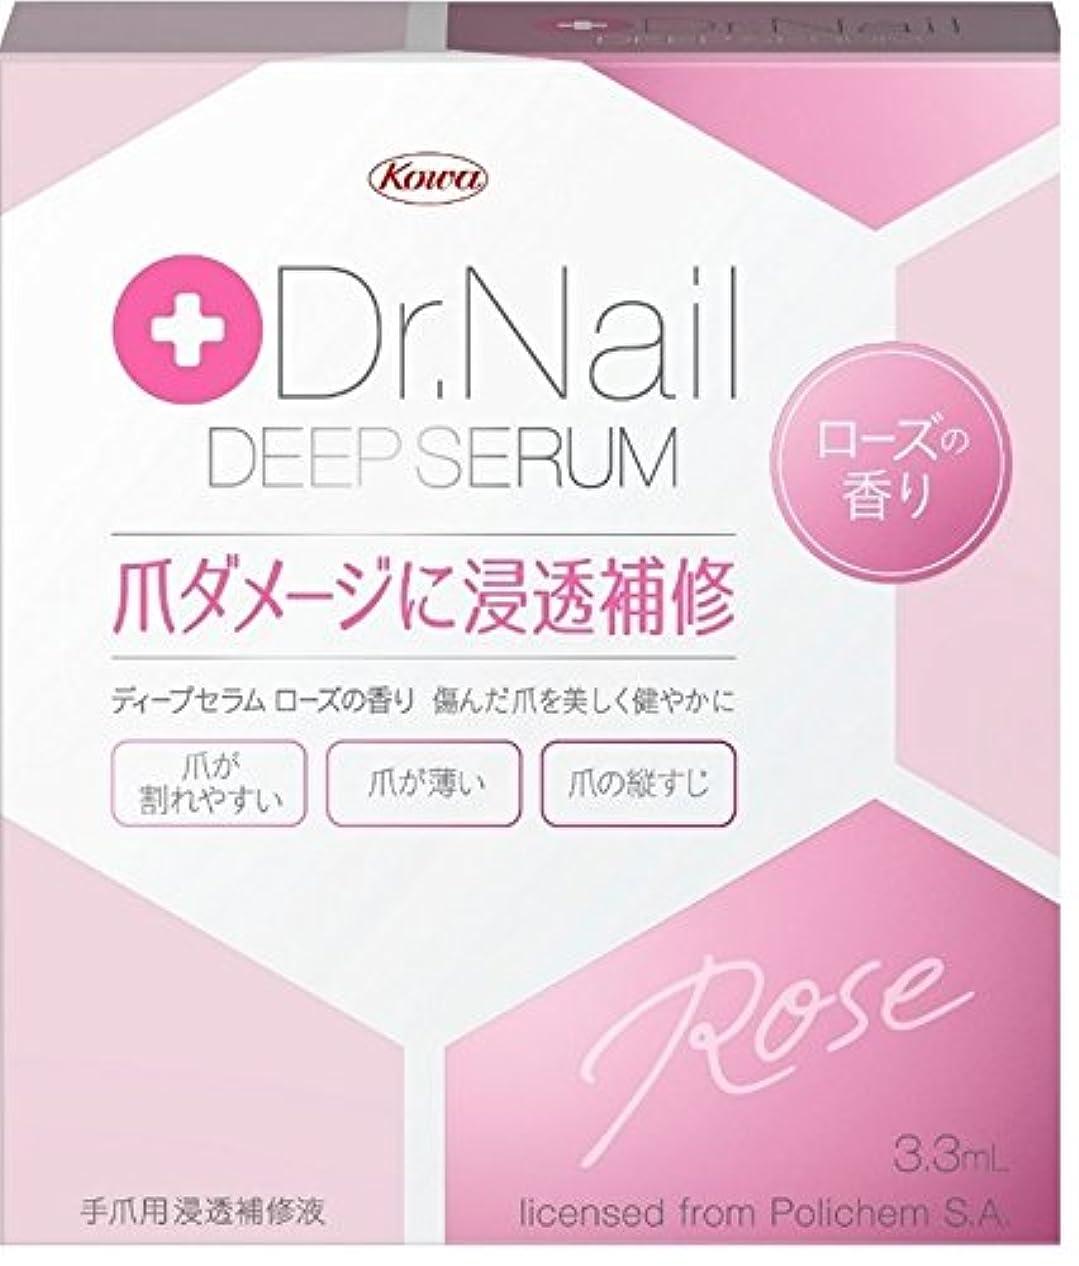 一緒丈夫ノイズ興和(コーワ) Dr.Nail DEEP SERUM ドクターネイル ディープセラム 3.3ml ローズの香り